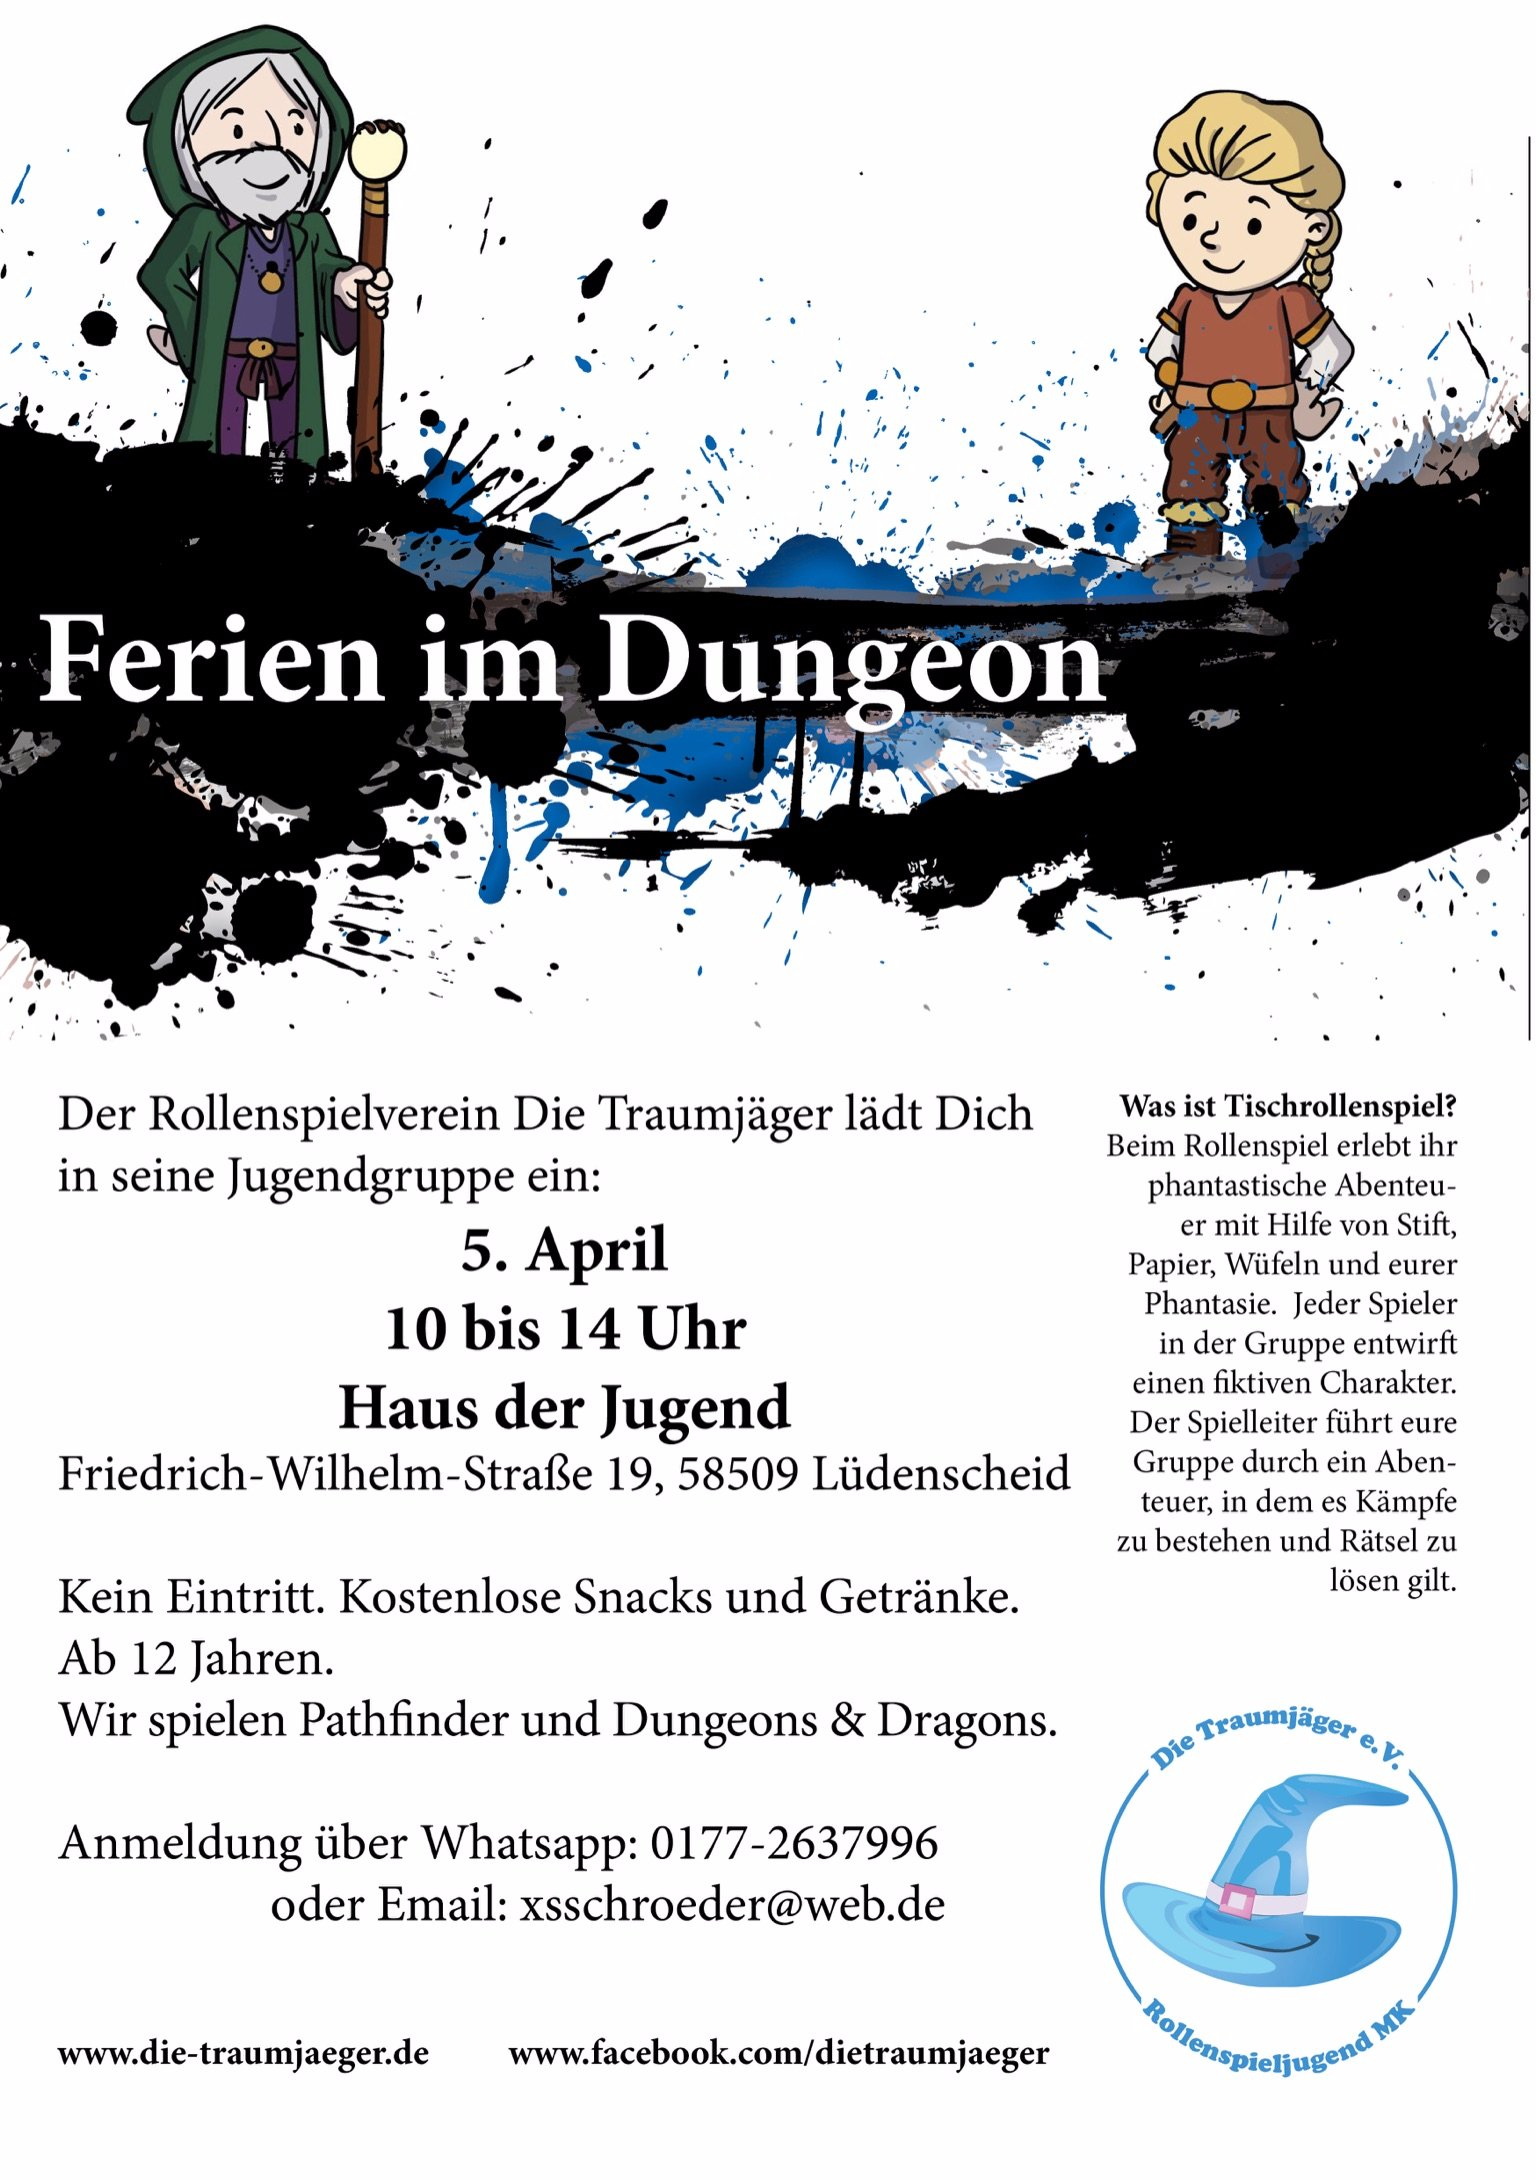 Ferien im Dungeon - Traumjäger Rollenspiel Jugendgruppe @ Haus der Jugend | Lüdenscheid | Nordrhein-Westfalen | Deutschland